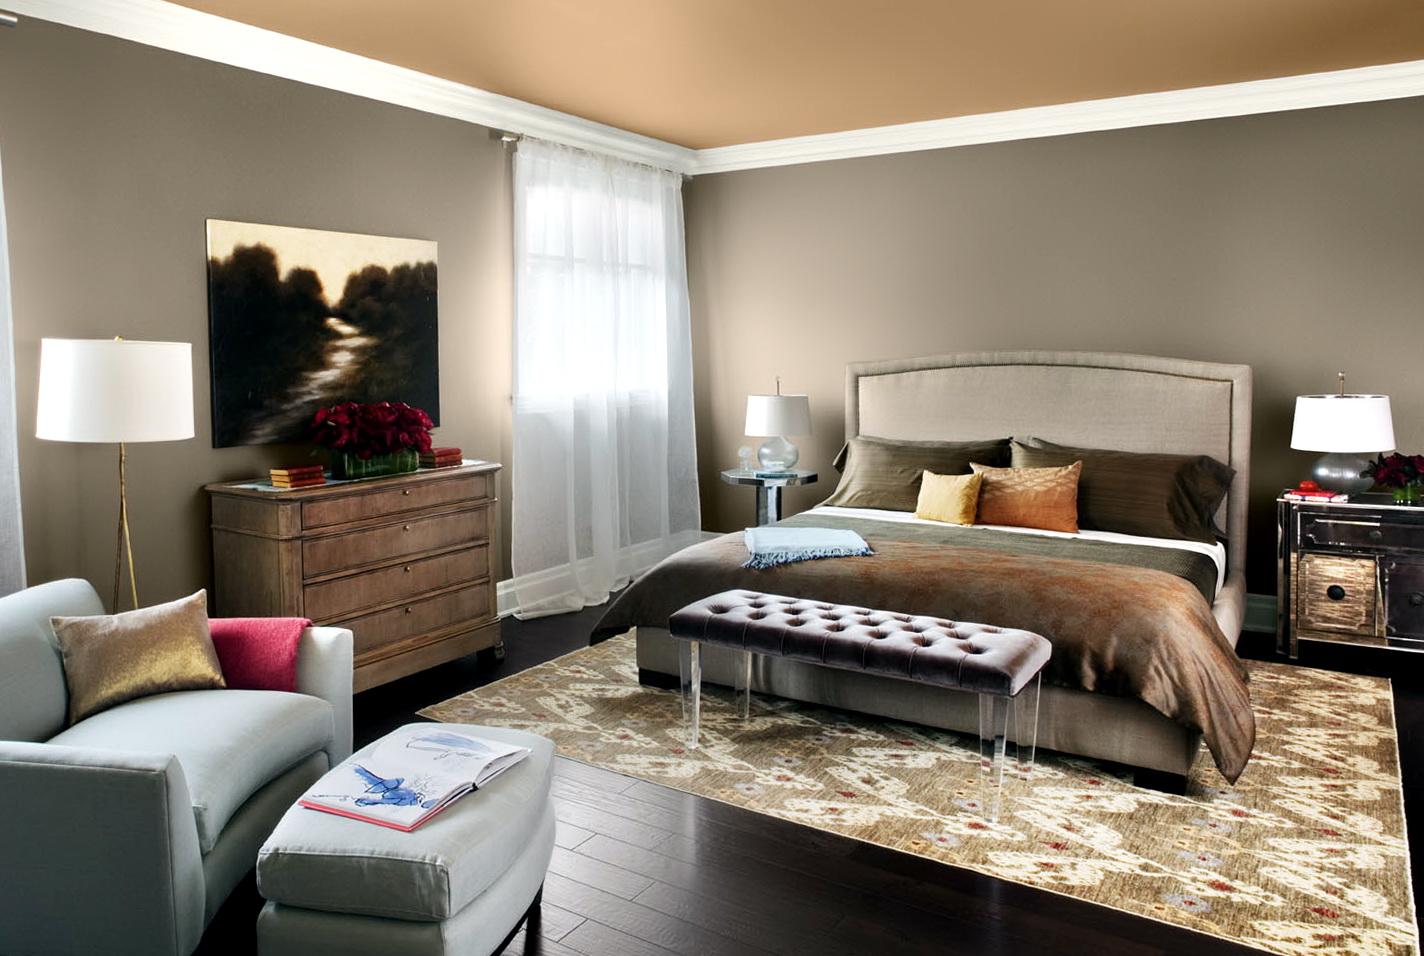 Bedroom Paint Color Ideas For Men Beds 23864 Home Design Ideas